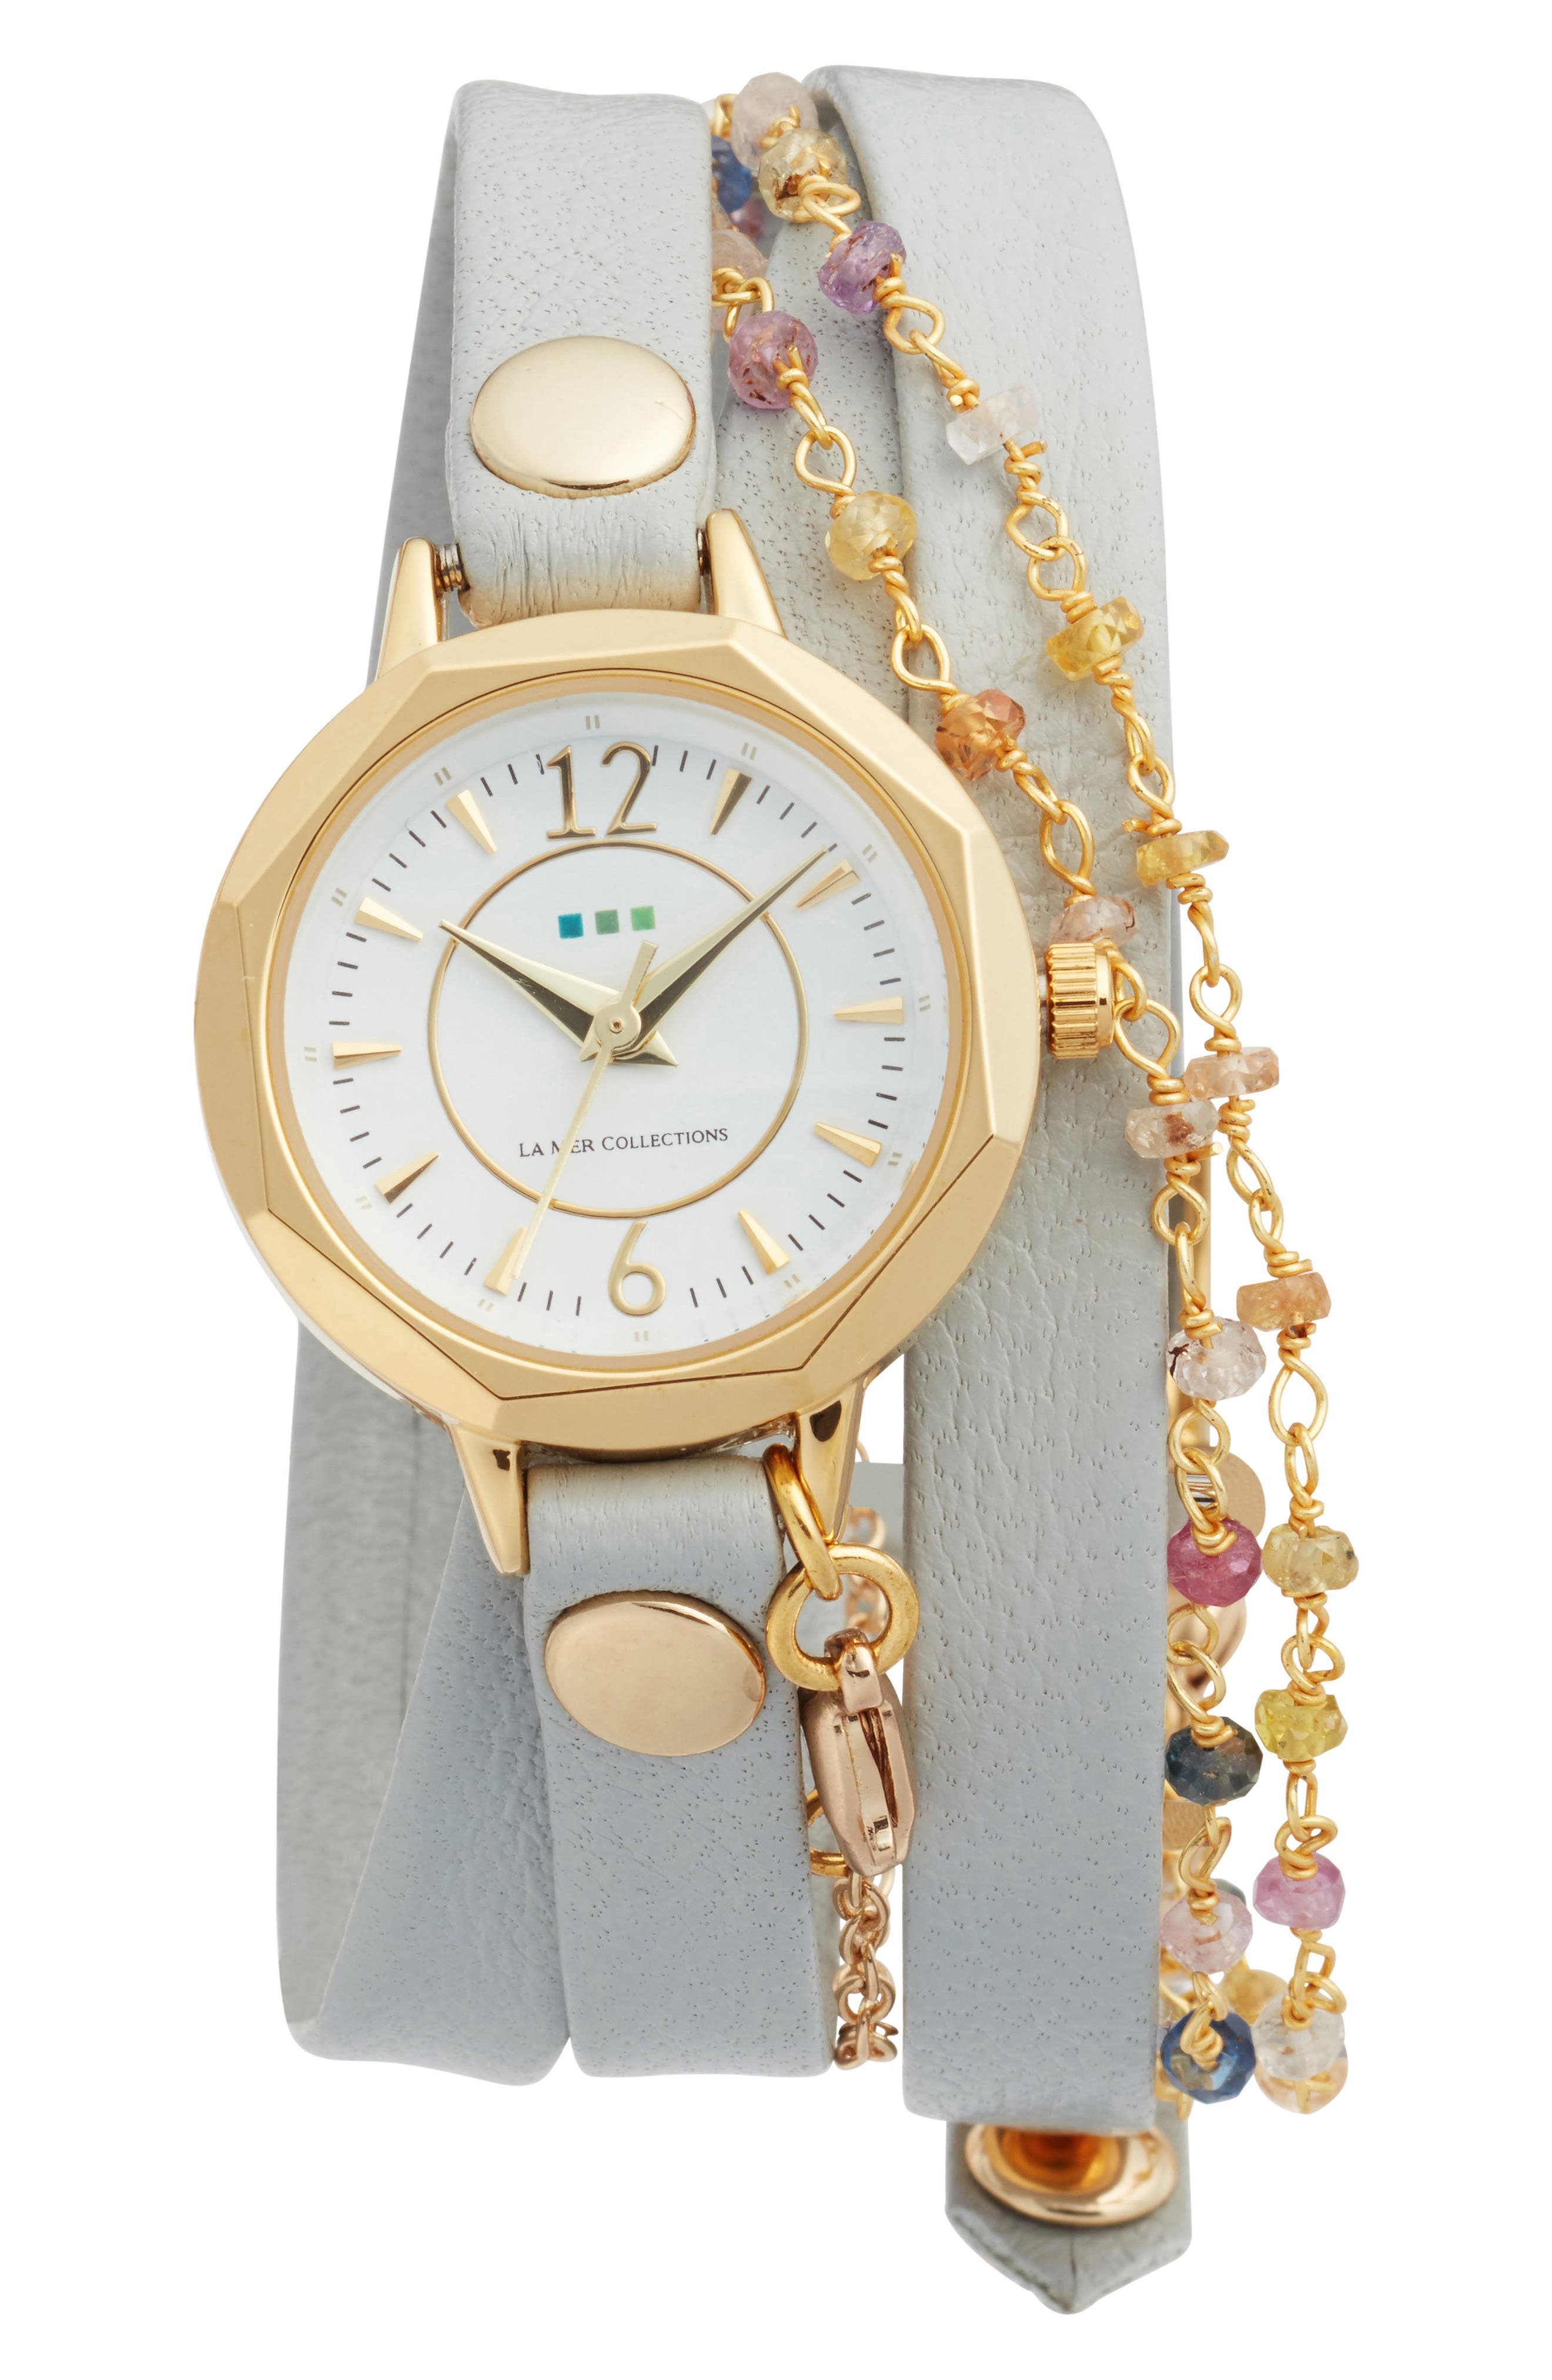 La Mer Nolita Leather Wrap Strap Watch, 22mm,                         Main,                         color, STONE/WHITE/GOLD